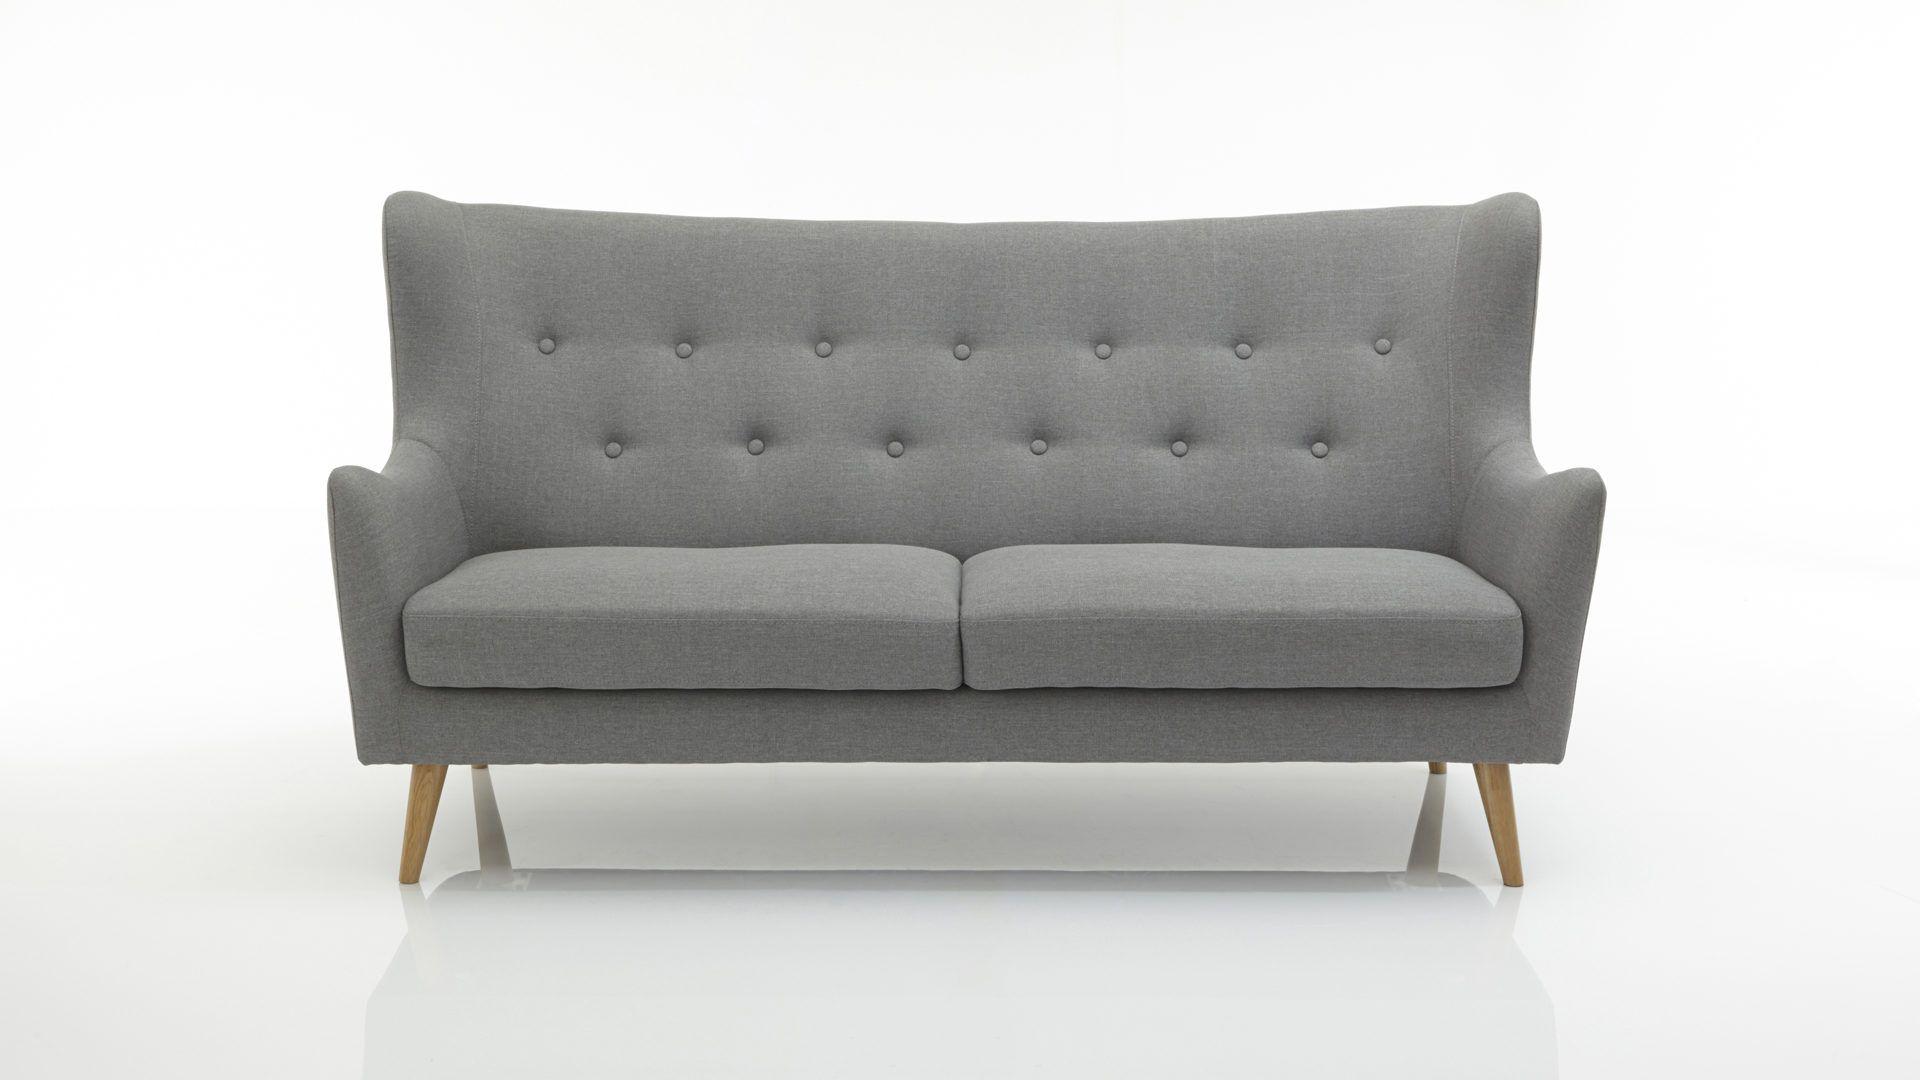 3-Sitzer Sofa im Retro-Stil, ein bequemes Polstermöbel mit Charme ...